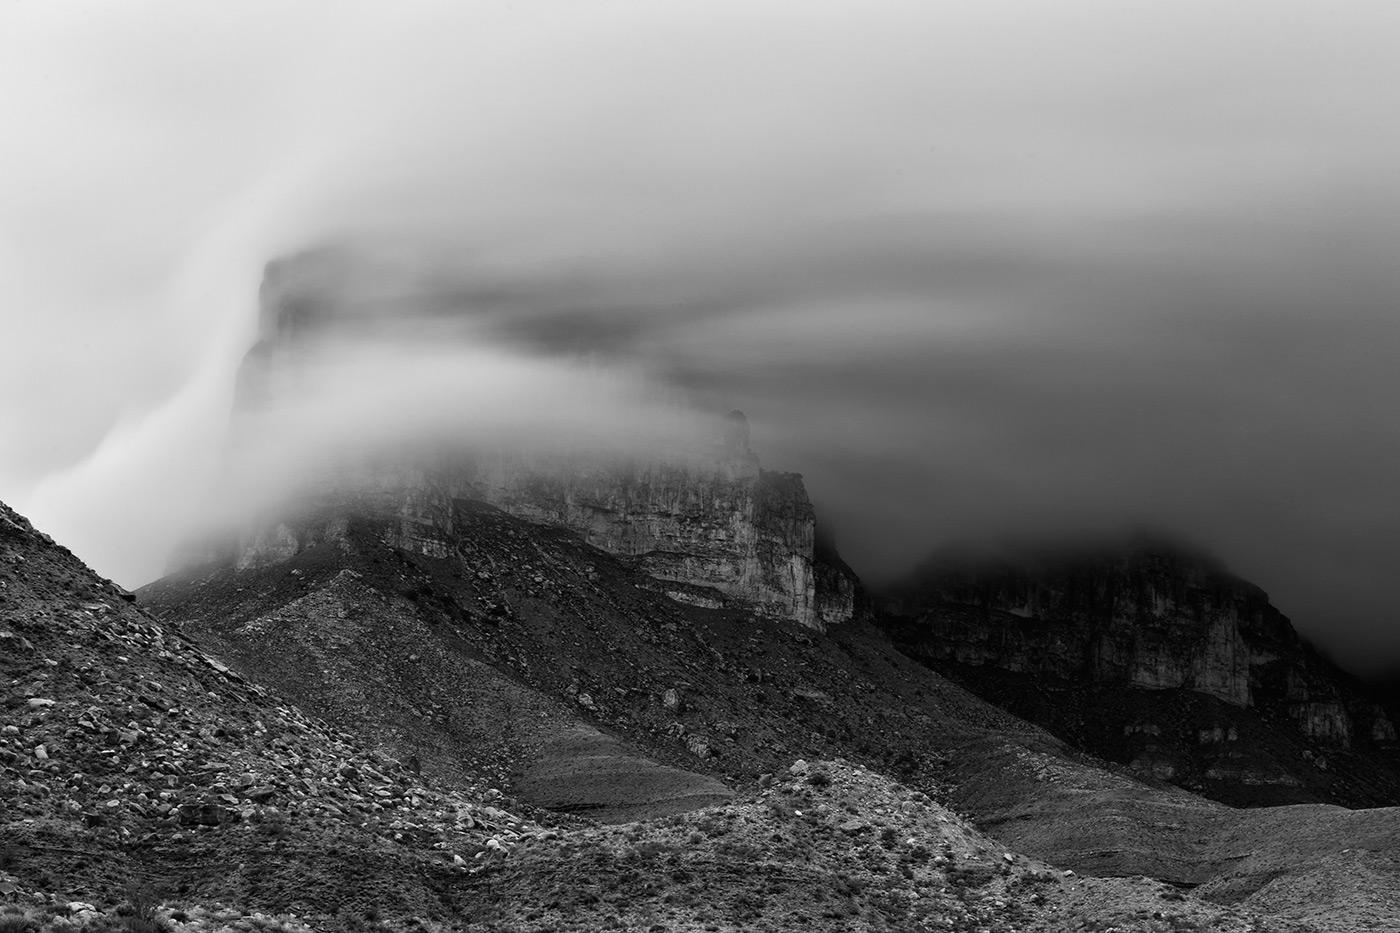 West-Texas-ABP-El-Capitan_moving clouds.jpg